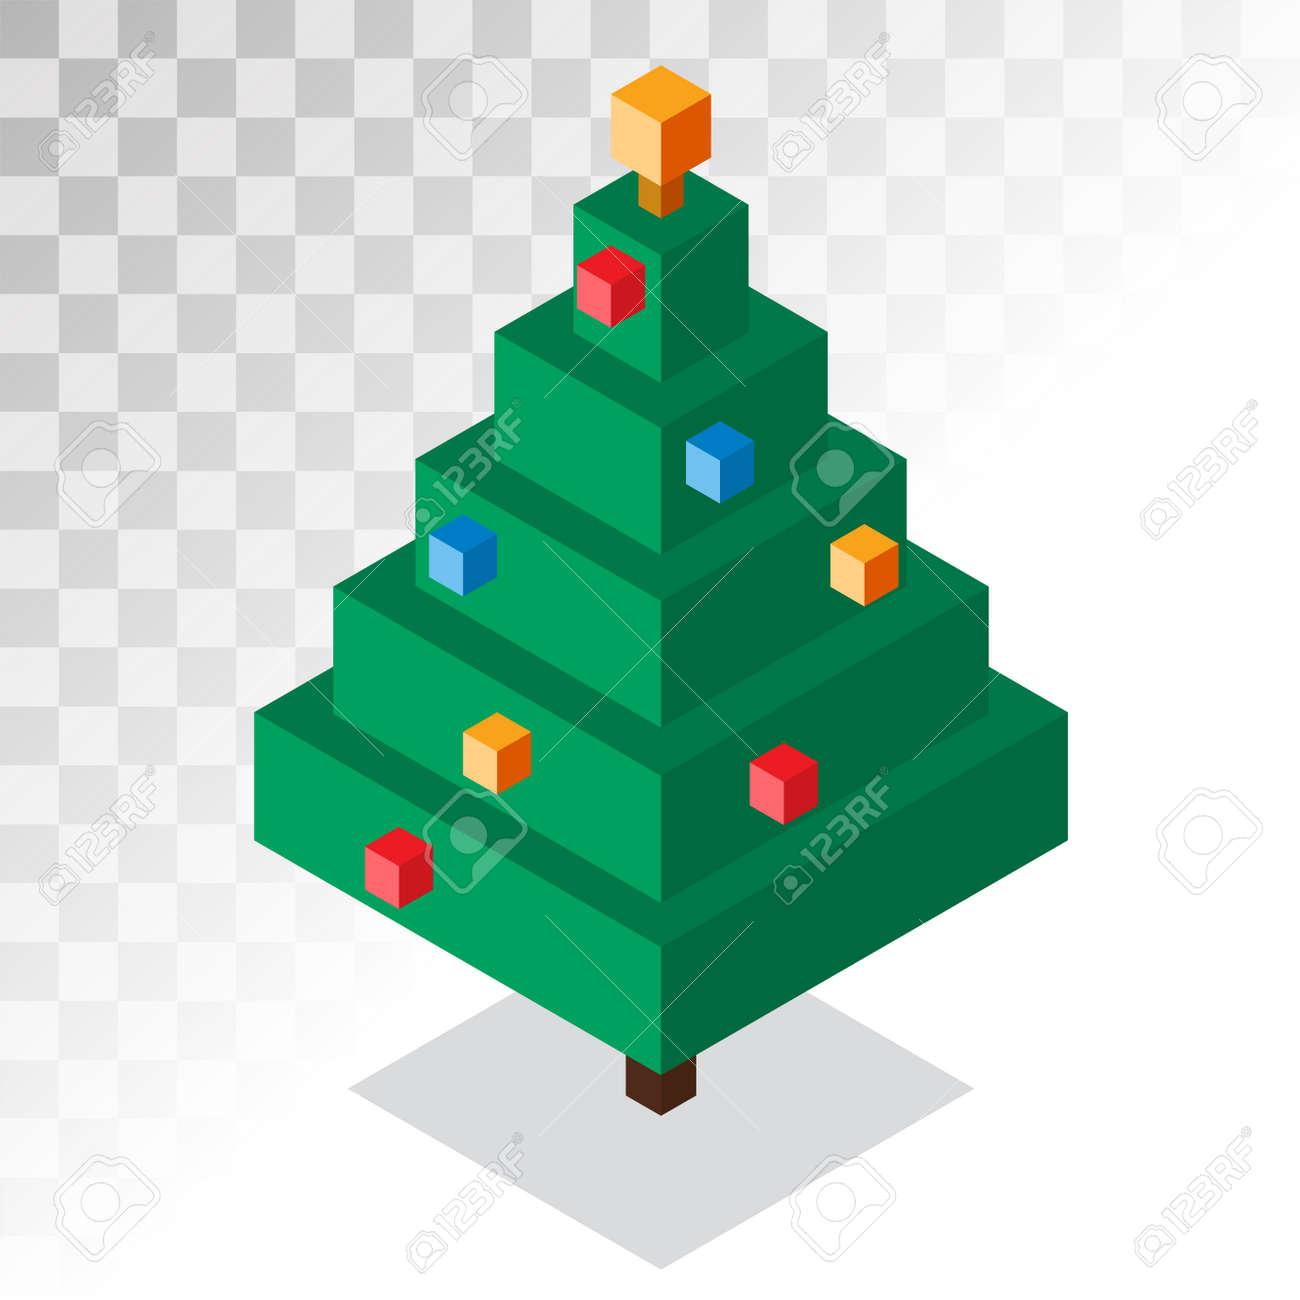 Kerstboom Platte 3d Isometrische Pixel Kunst Pictogram Kerstboom